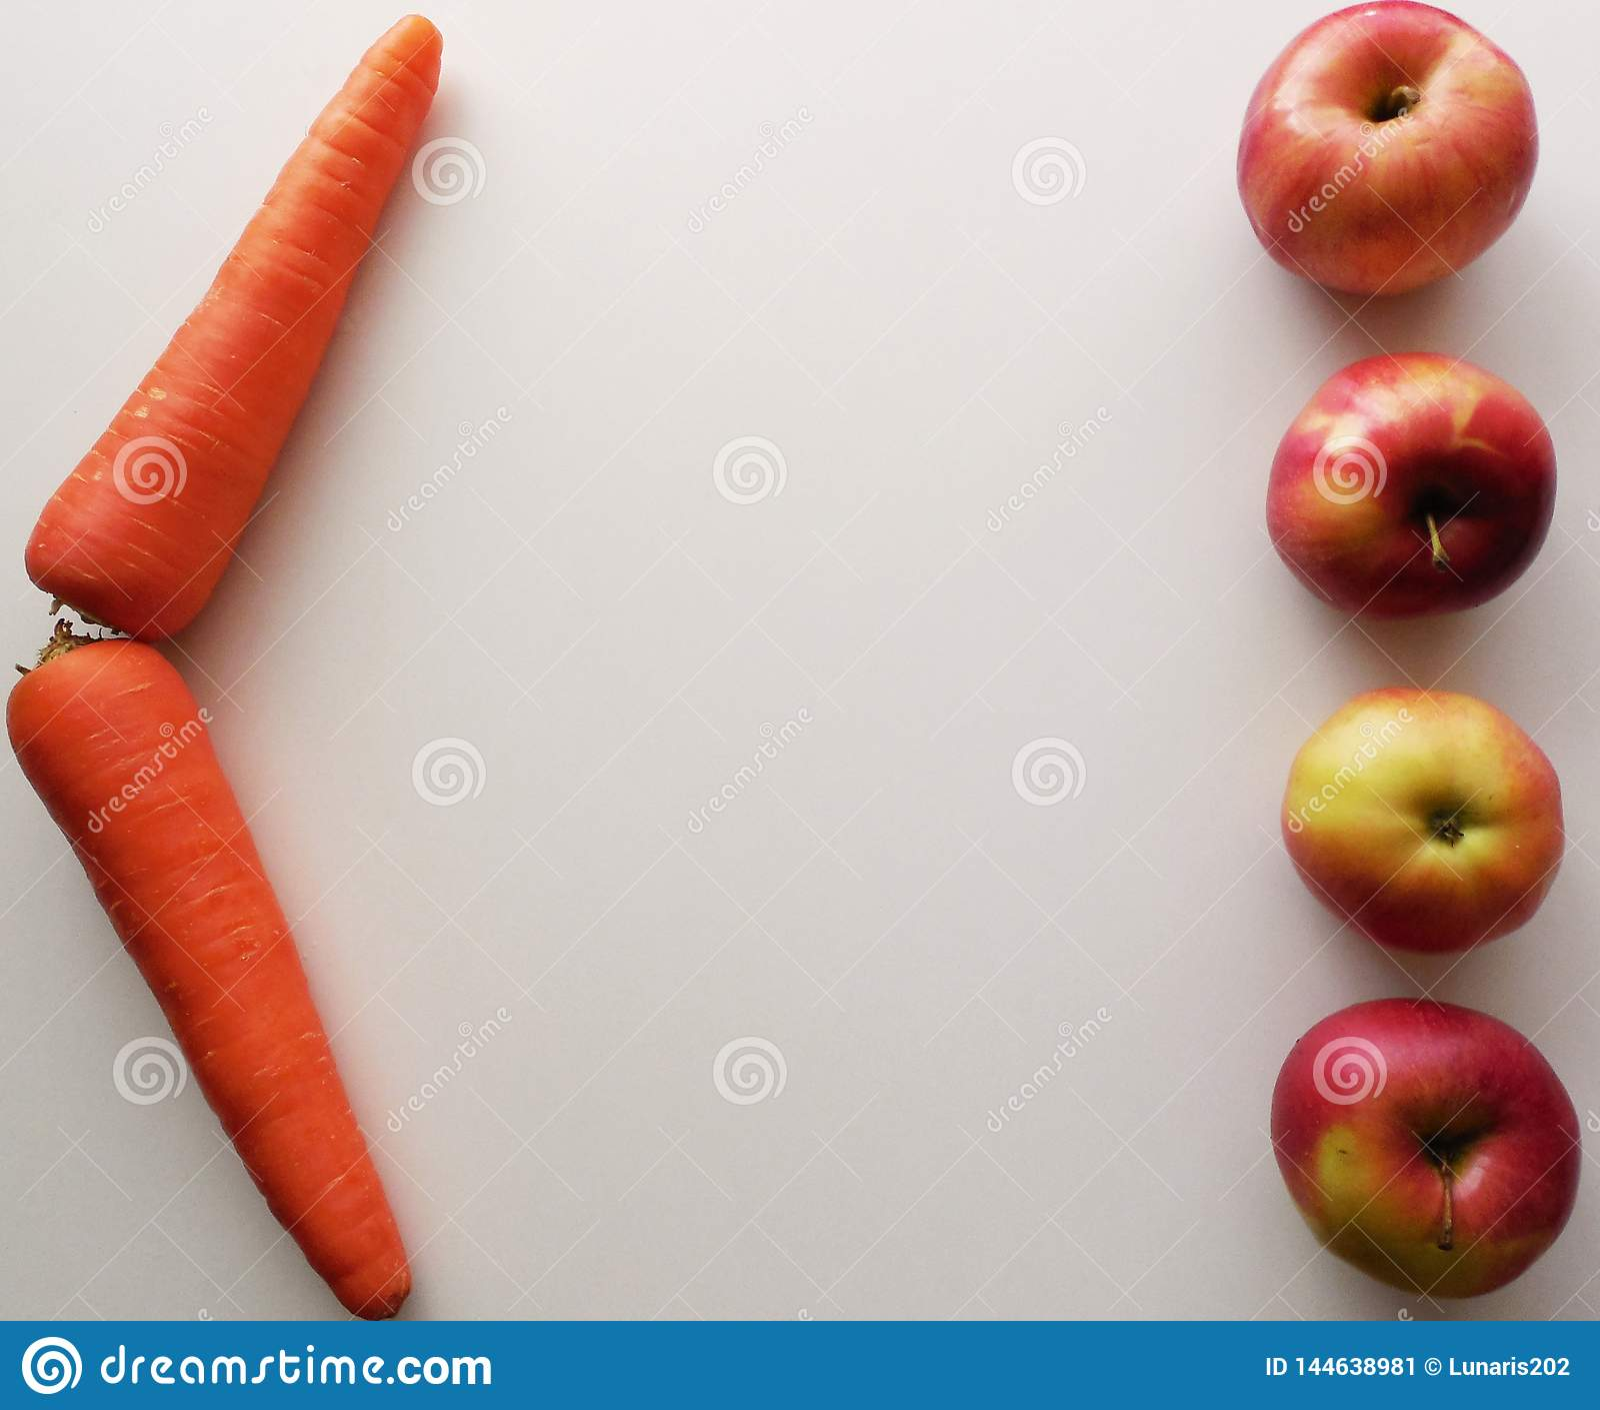 Τέσσερα μήλα και δύο καρότα σε ένα άσπρο υπόβαθρο